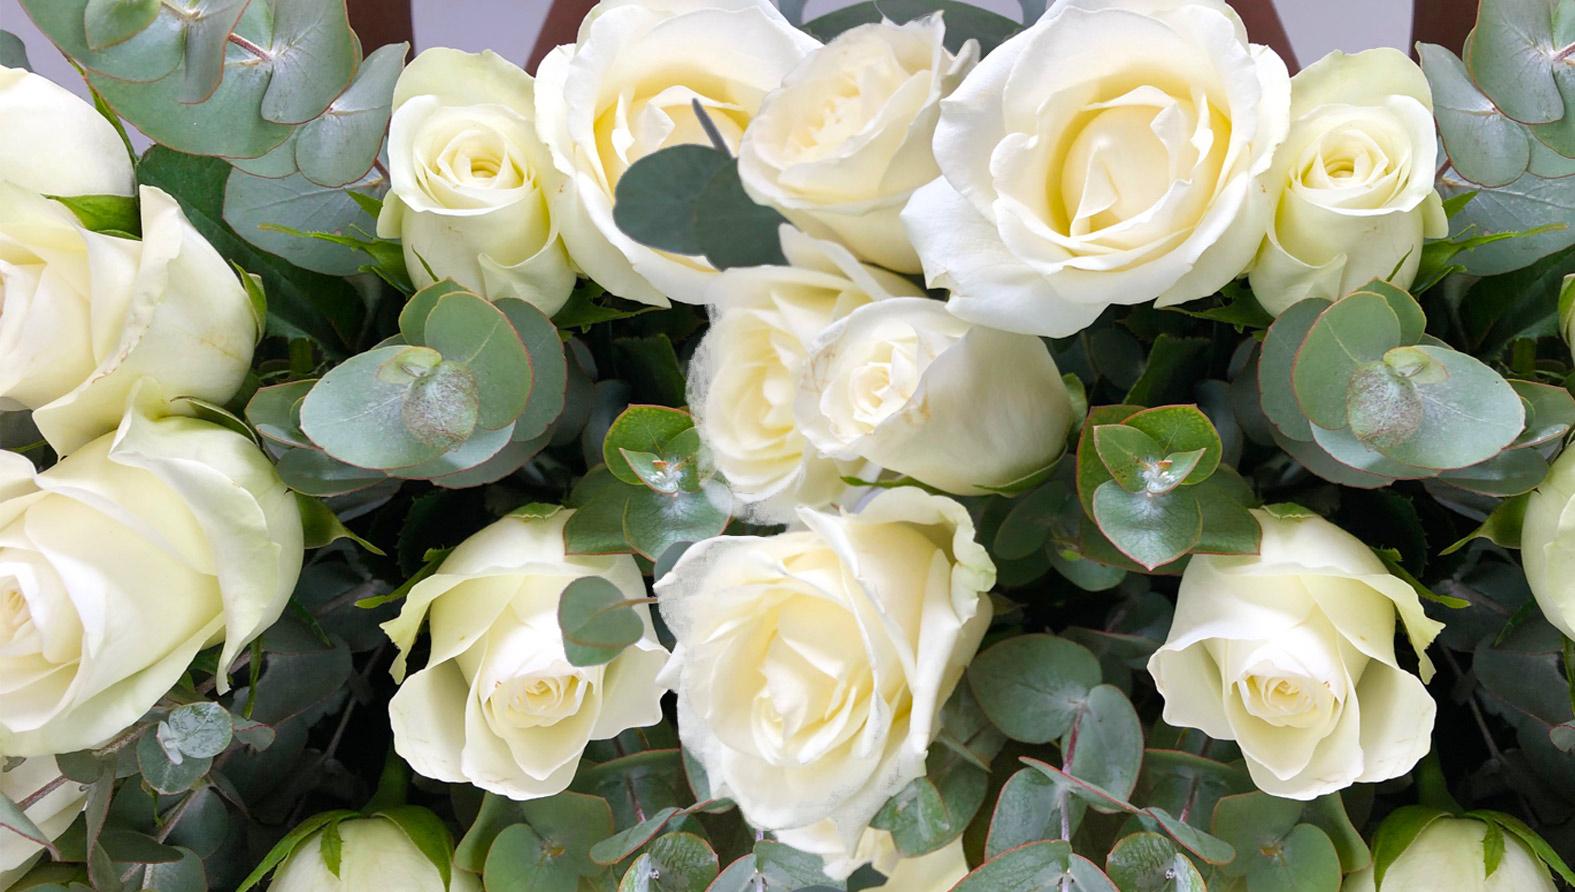 roses-delightfull-size.jpg